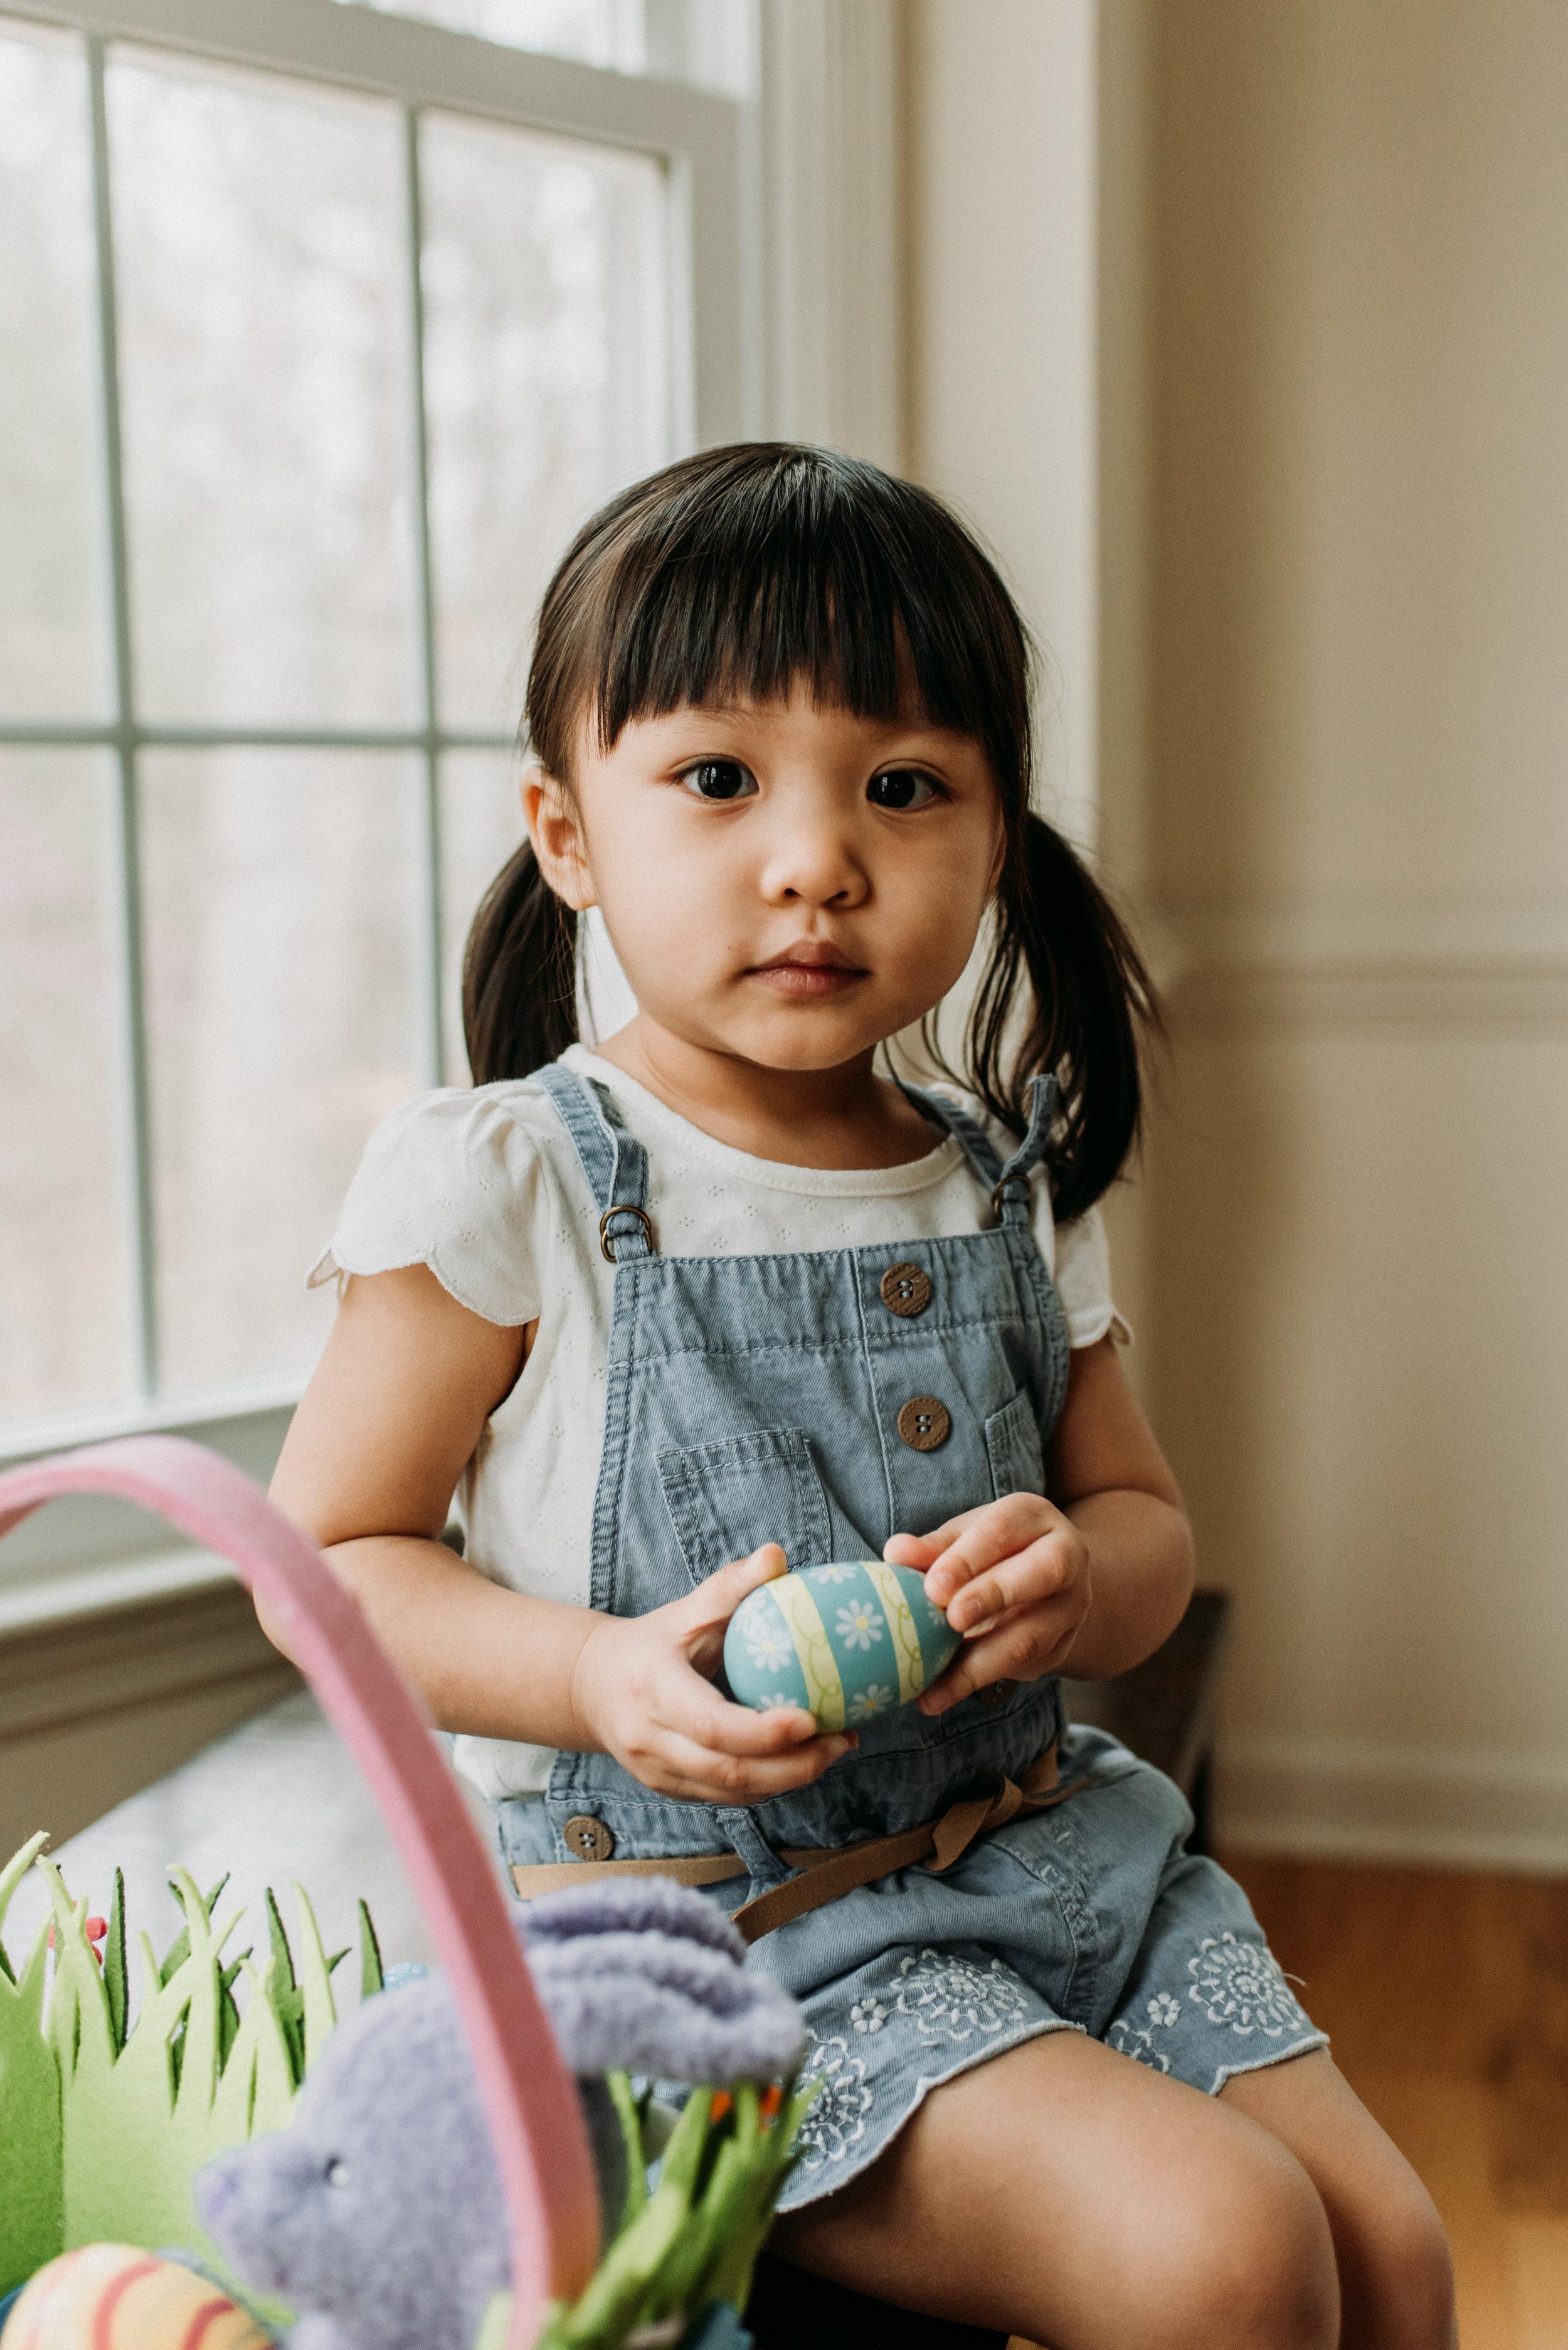 Children's Portraits